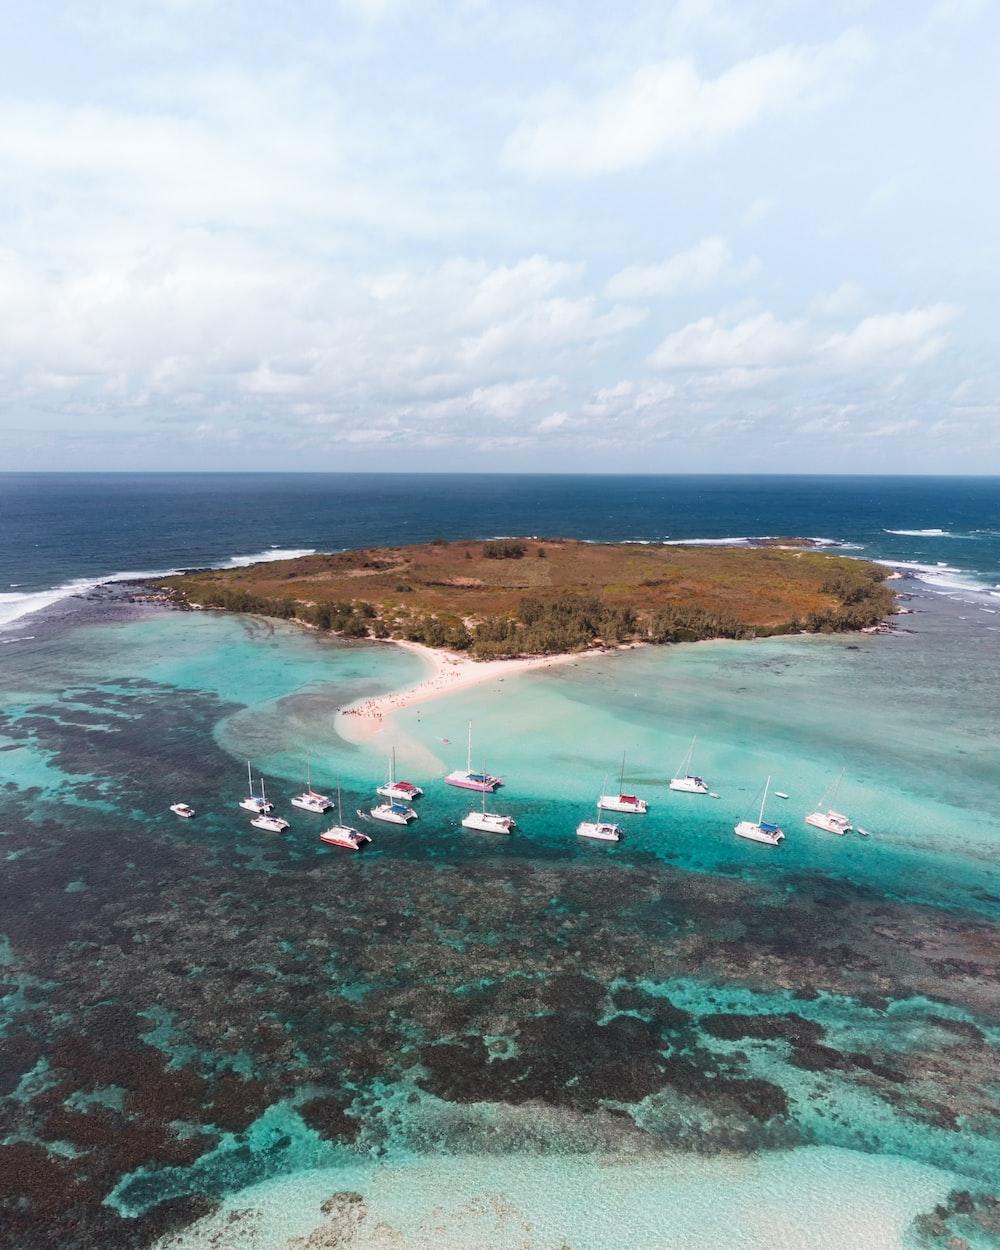 boats in sea near island